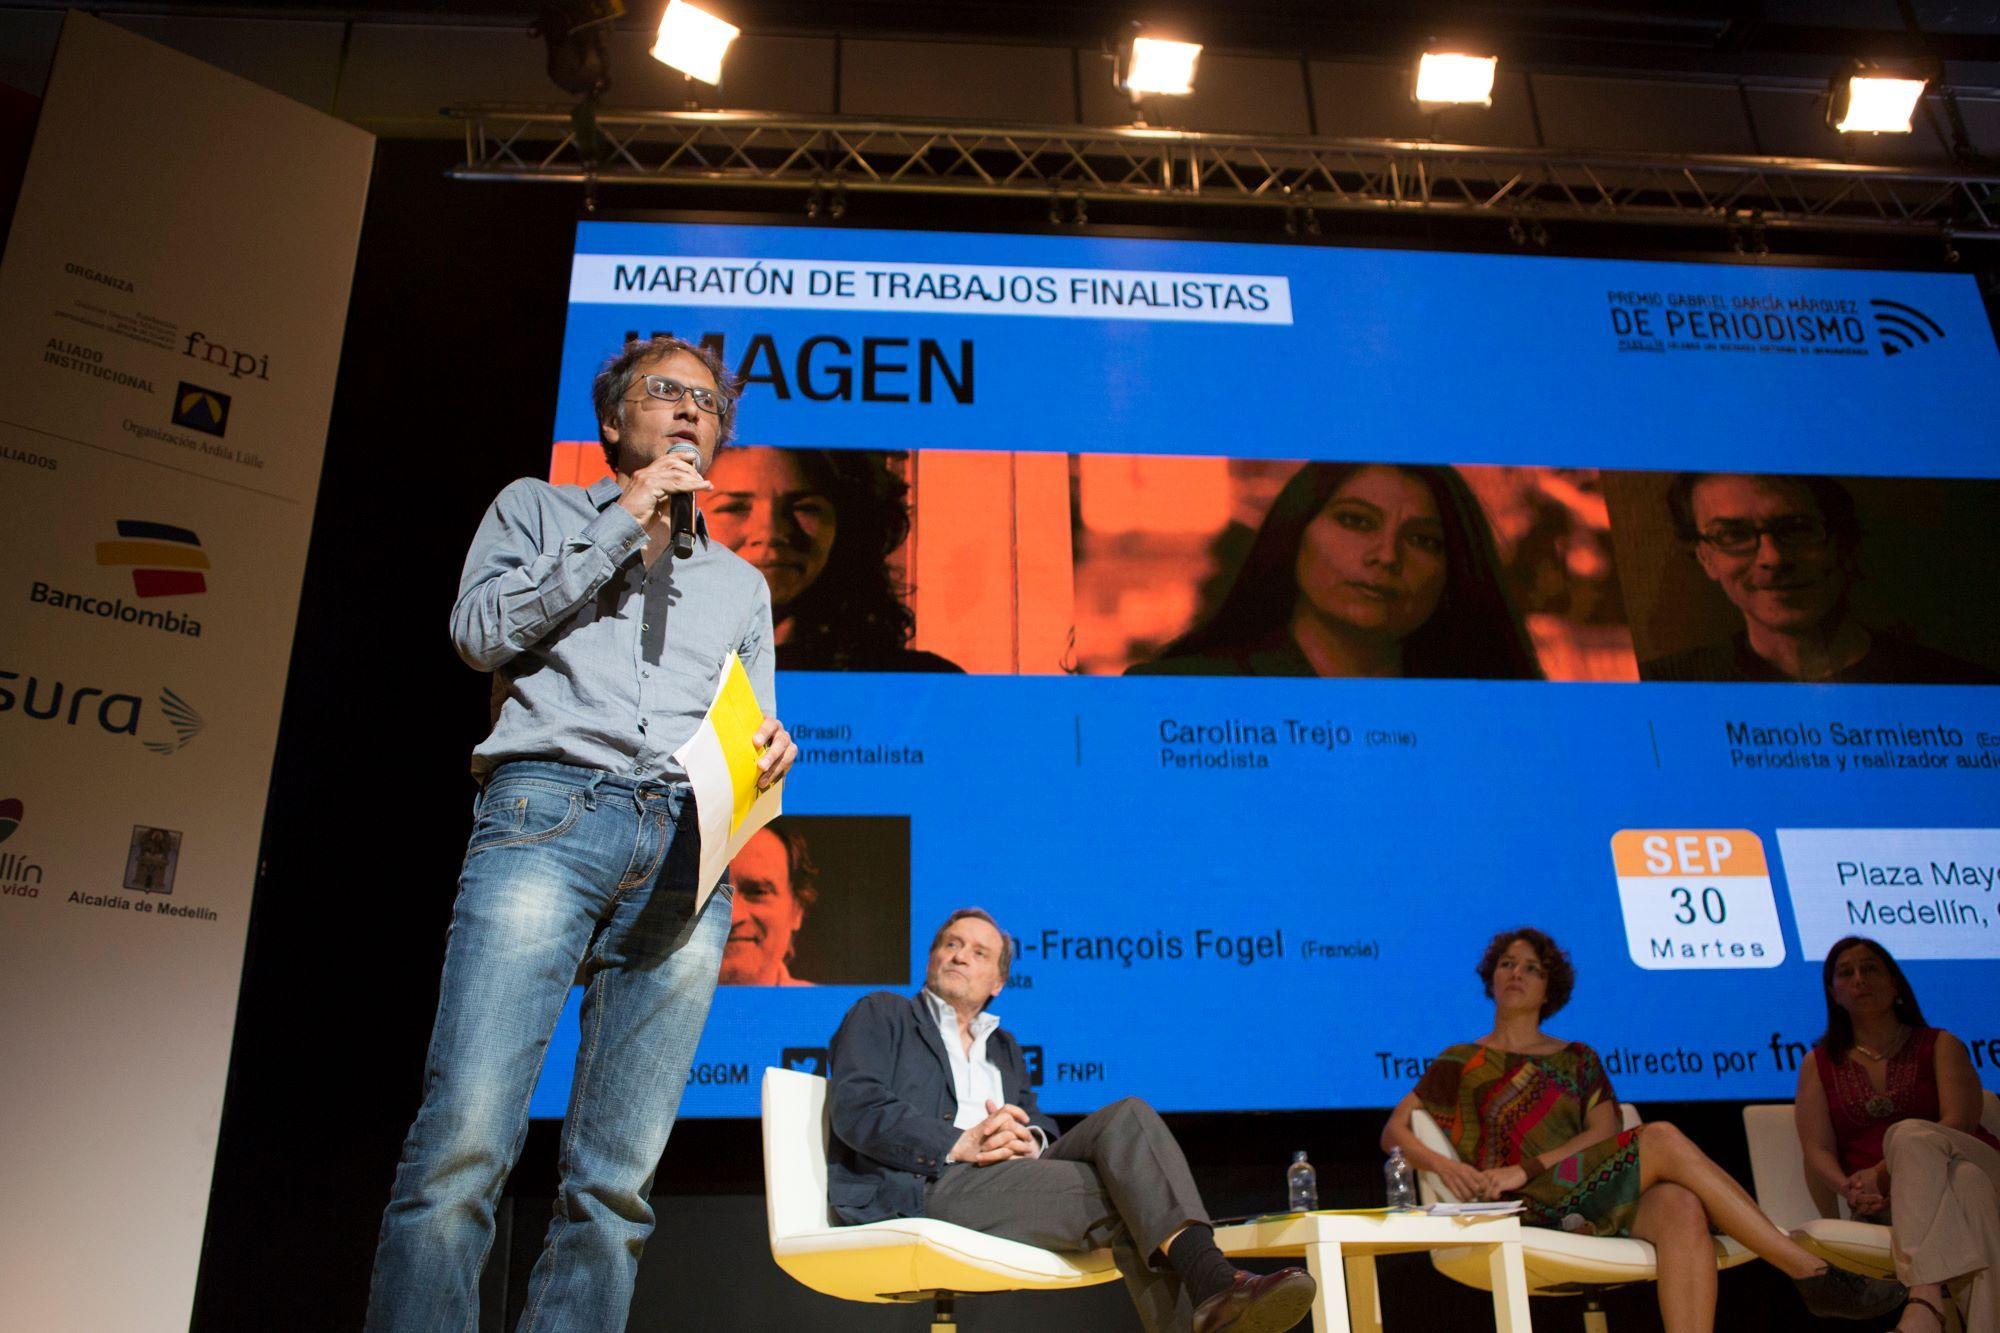 De la avalancha a la unión: historias para rescatar el uso de la imagen  Los tres finalistas de la categoría Imagen del #PremioGGM compartieron una conversación con el maestro Jean-François Fogel. En una maratón de sensaciones destejieron historias que estaban encerradas.   http://www.fnpi.org/premioggm/2014/09/de-la-avalancha-a-la-union-historias-para-rescatar-el-uso-de-la-imagen/